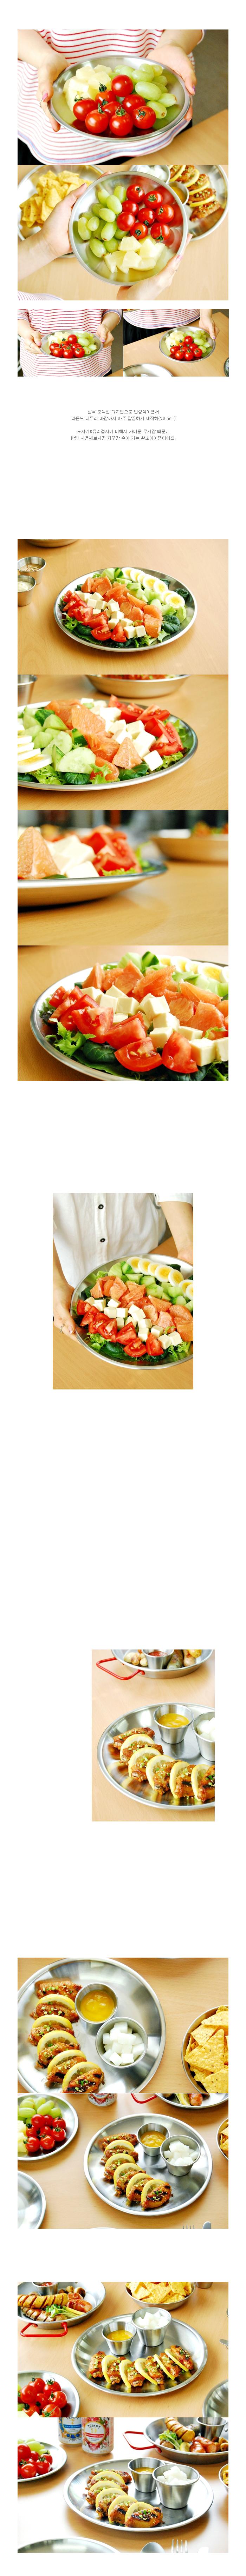 어반시크 베이직 접시 (3 size) - 스푼센스, 4,800원, 접시/찬기, 접시